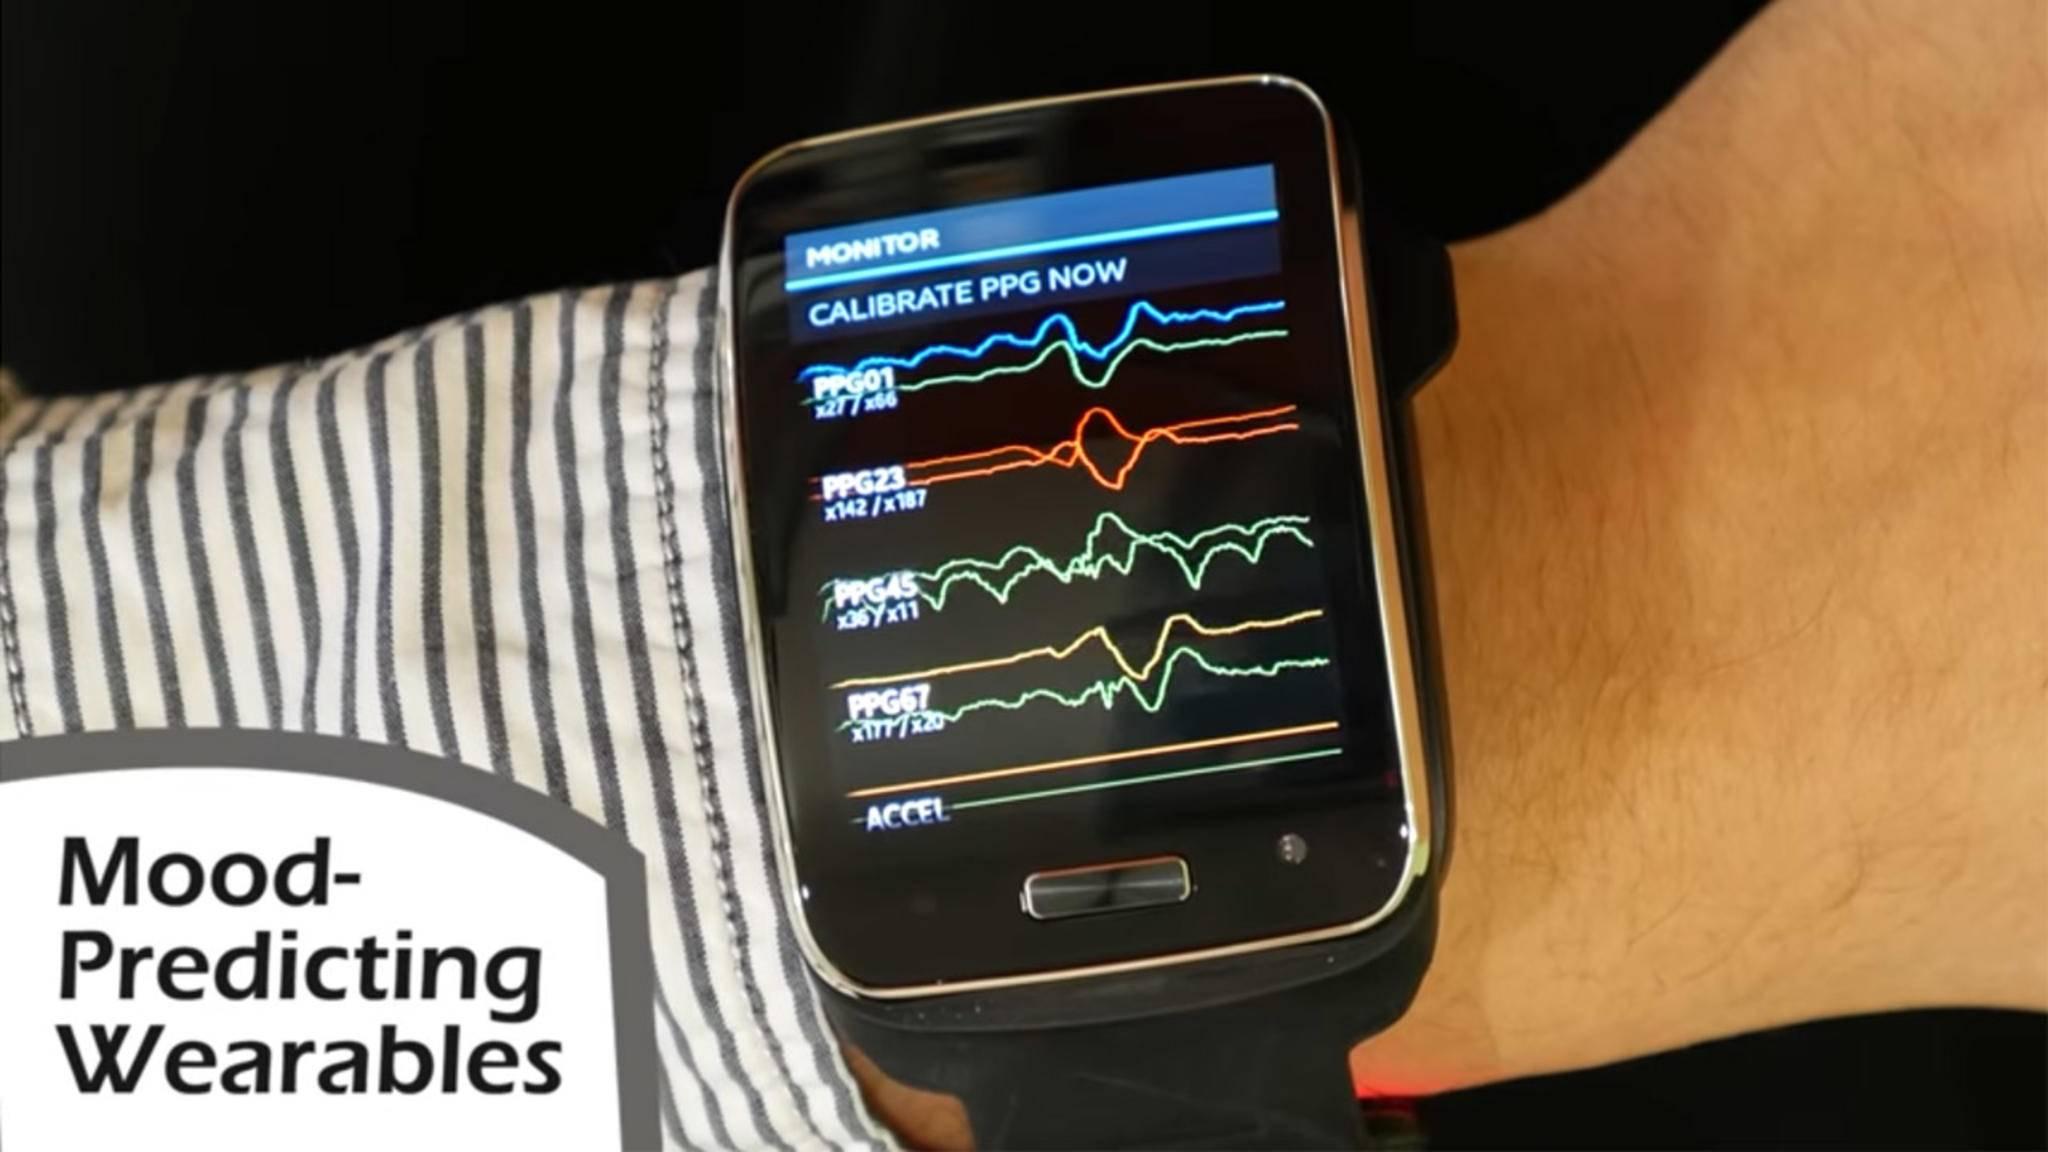 Mit dieser Smartwatch soll künftig Sarkasmus ganz einfach zu erkennen sein.